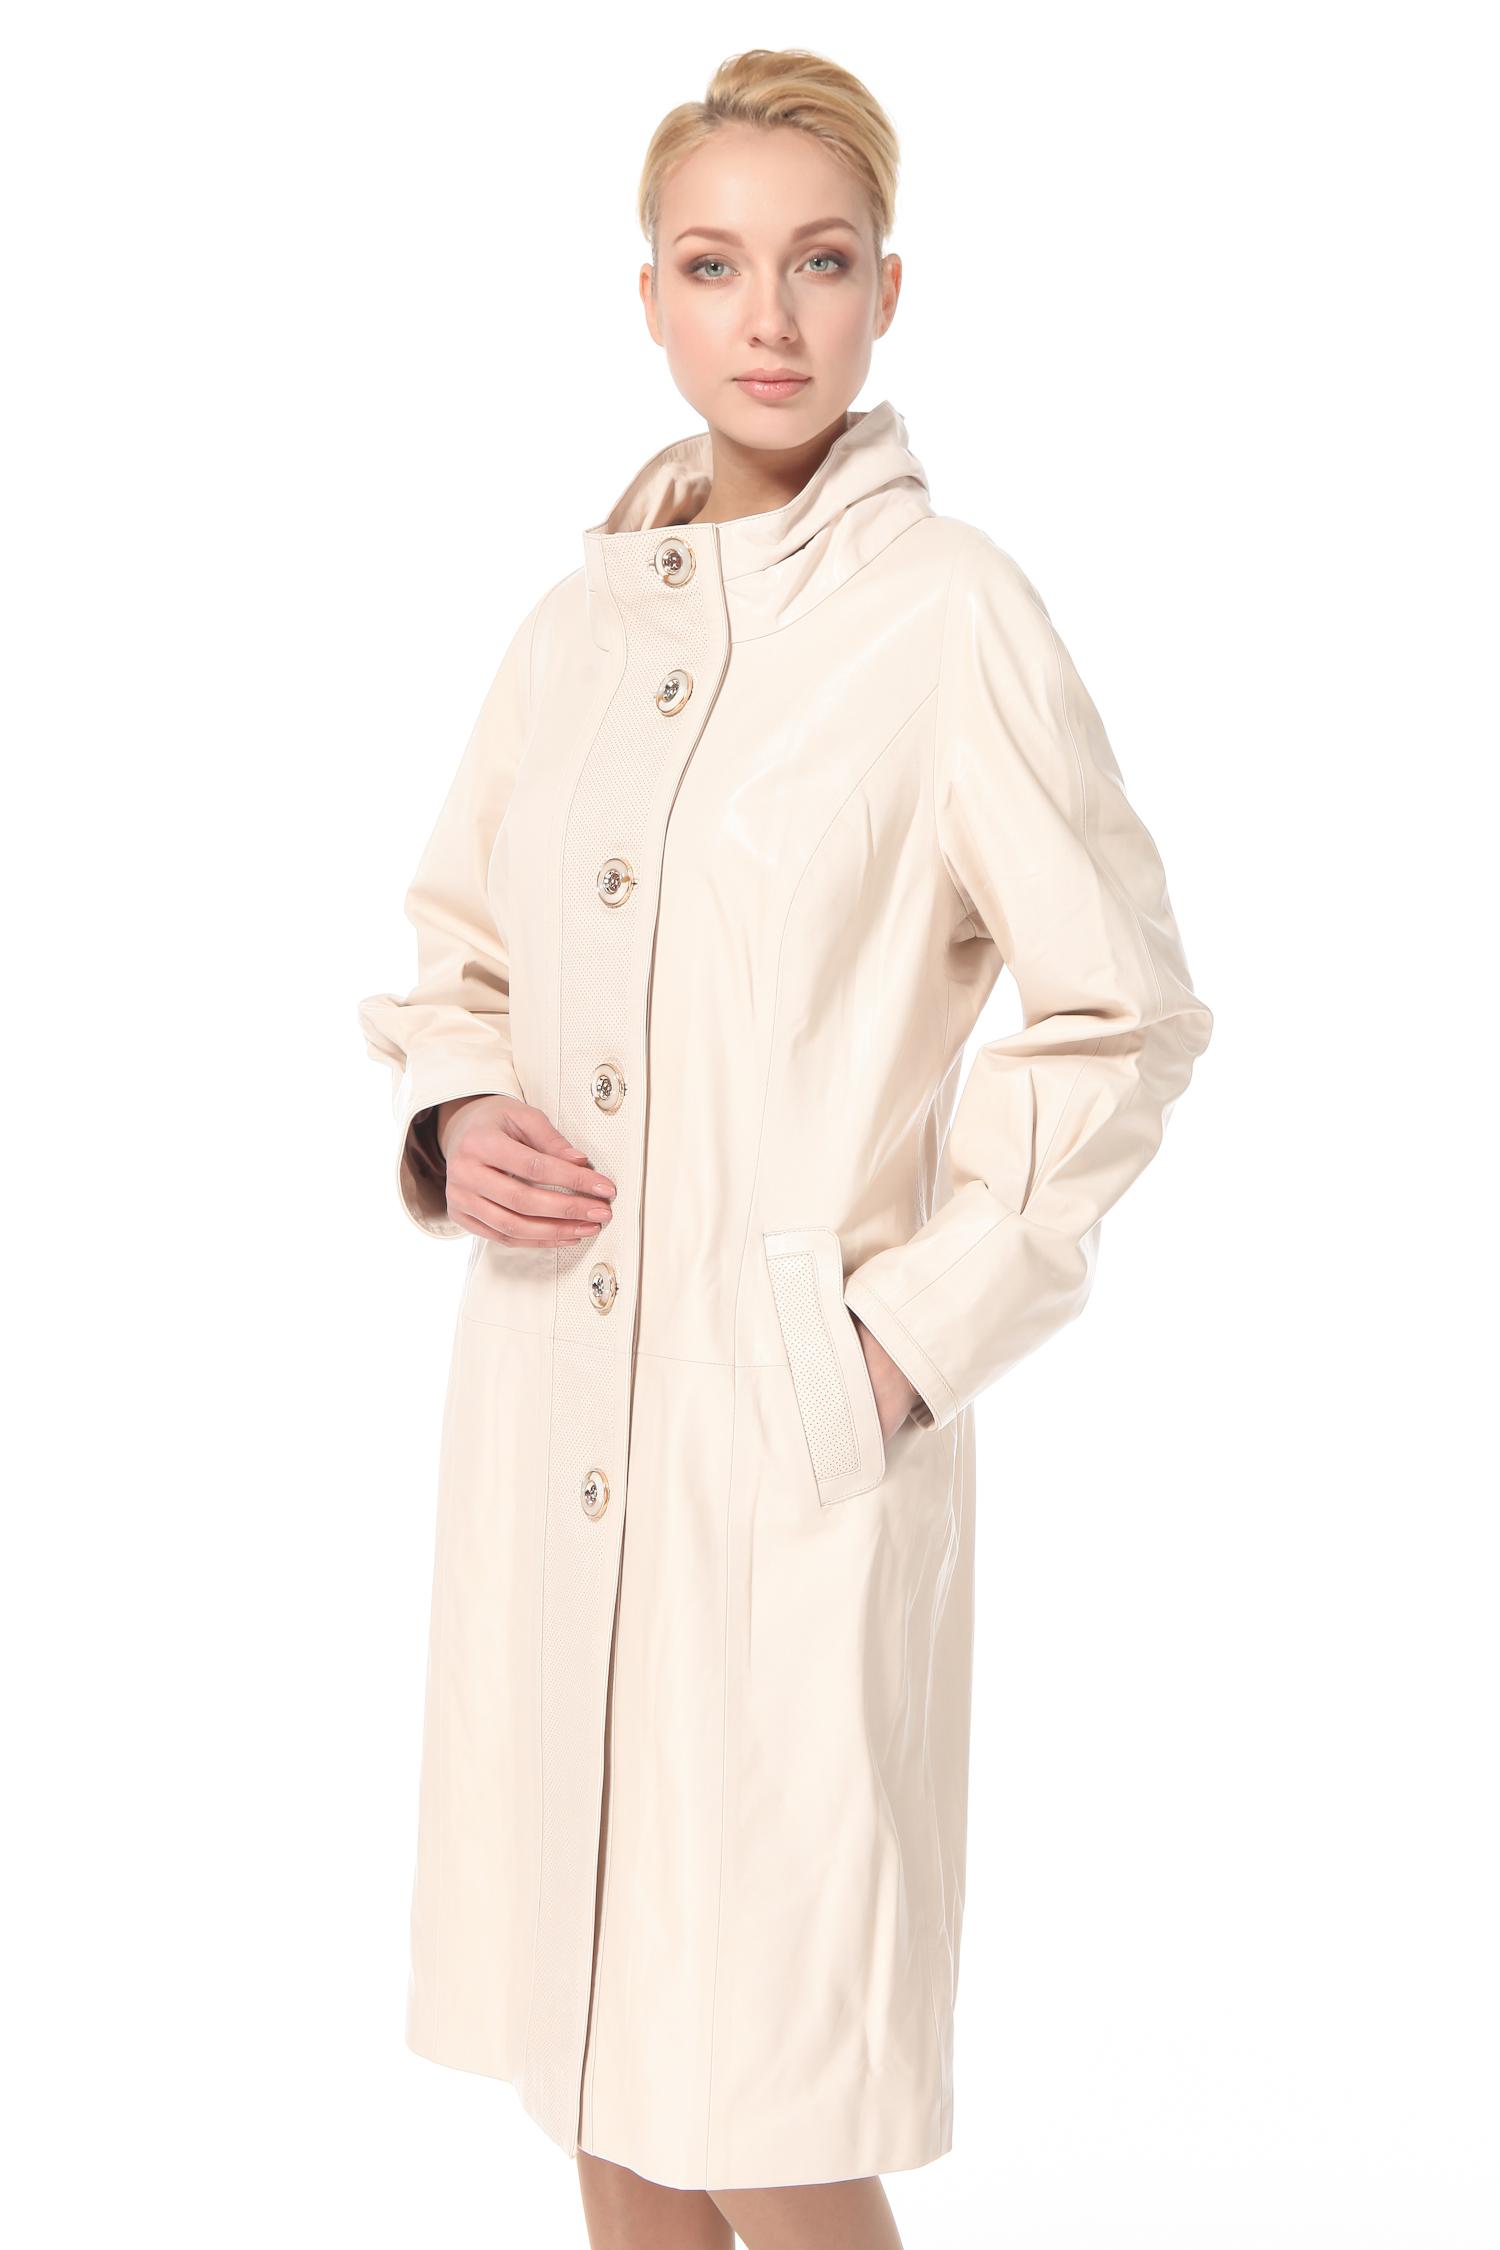 Женское кожаное пальто из натуральной кожи с воротником, без отделки<br><br>Воротник: стойка<br>Длина см: Длинная (свыше 90)<br>Материал: Кожа овчина<br>Цвет: бежевый<br>Пол: Женский<br>Размер RU: 52